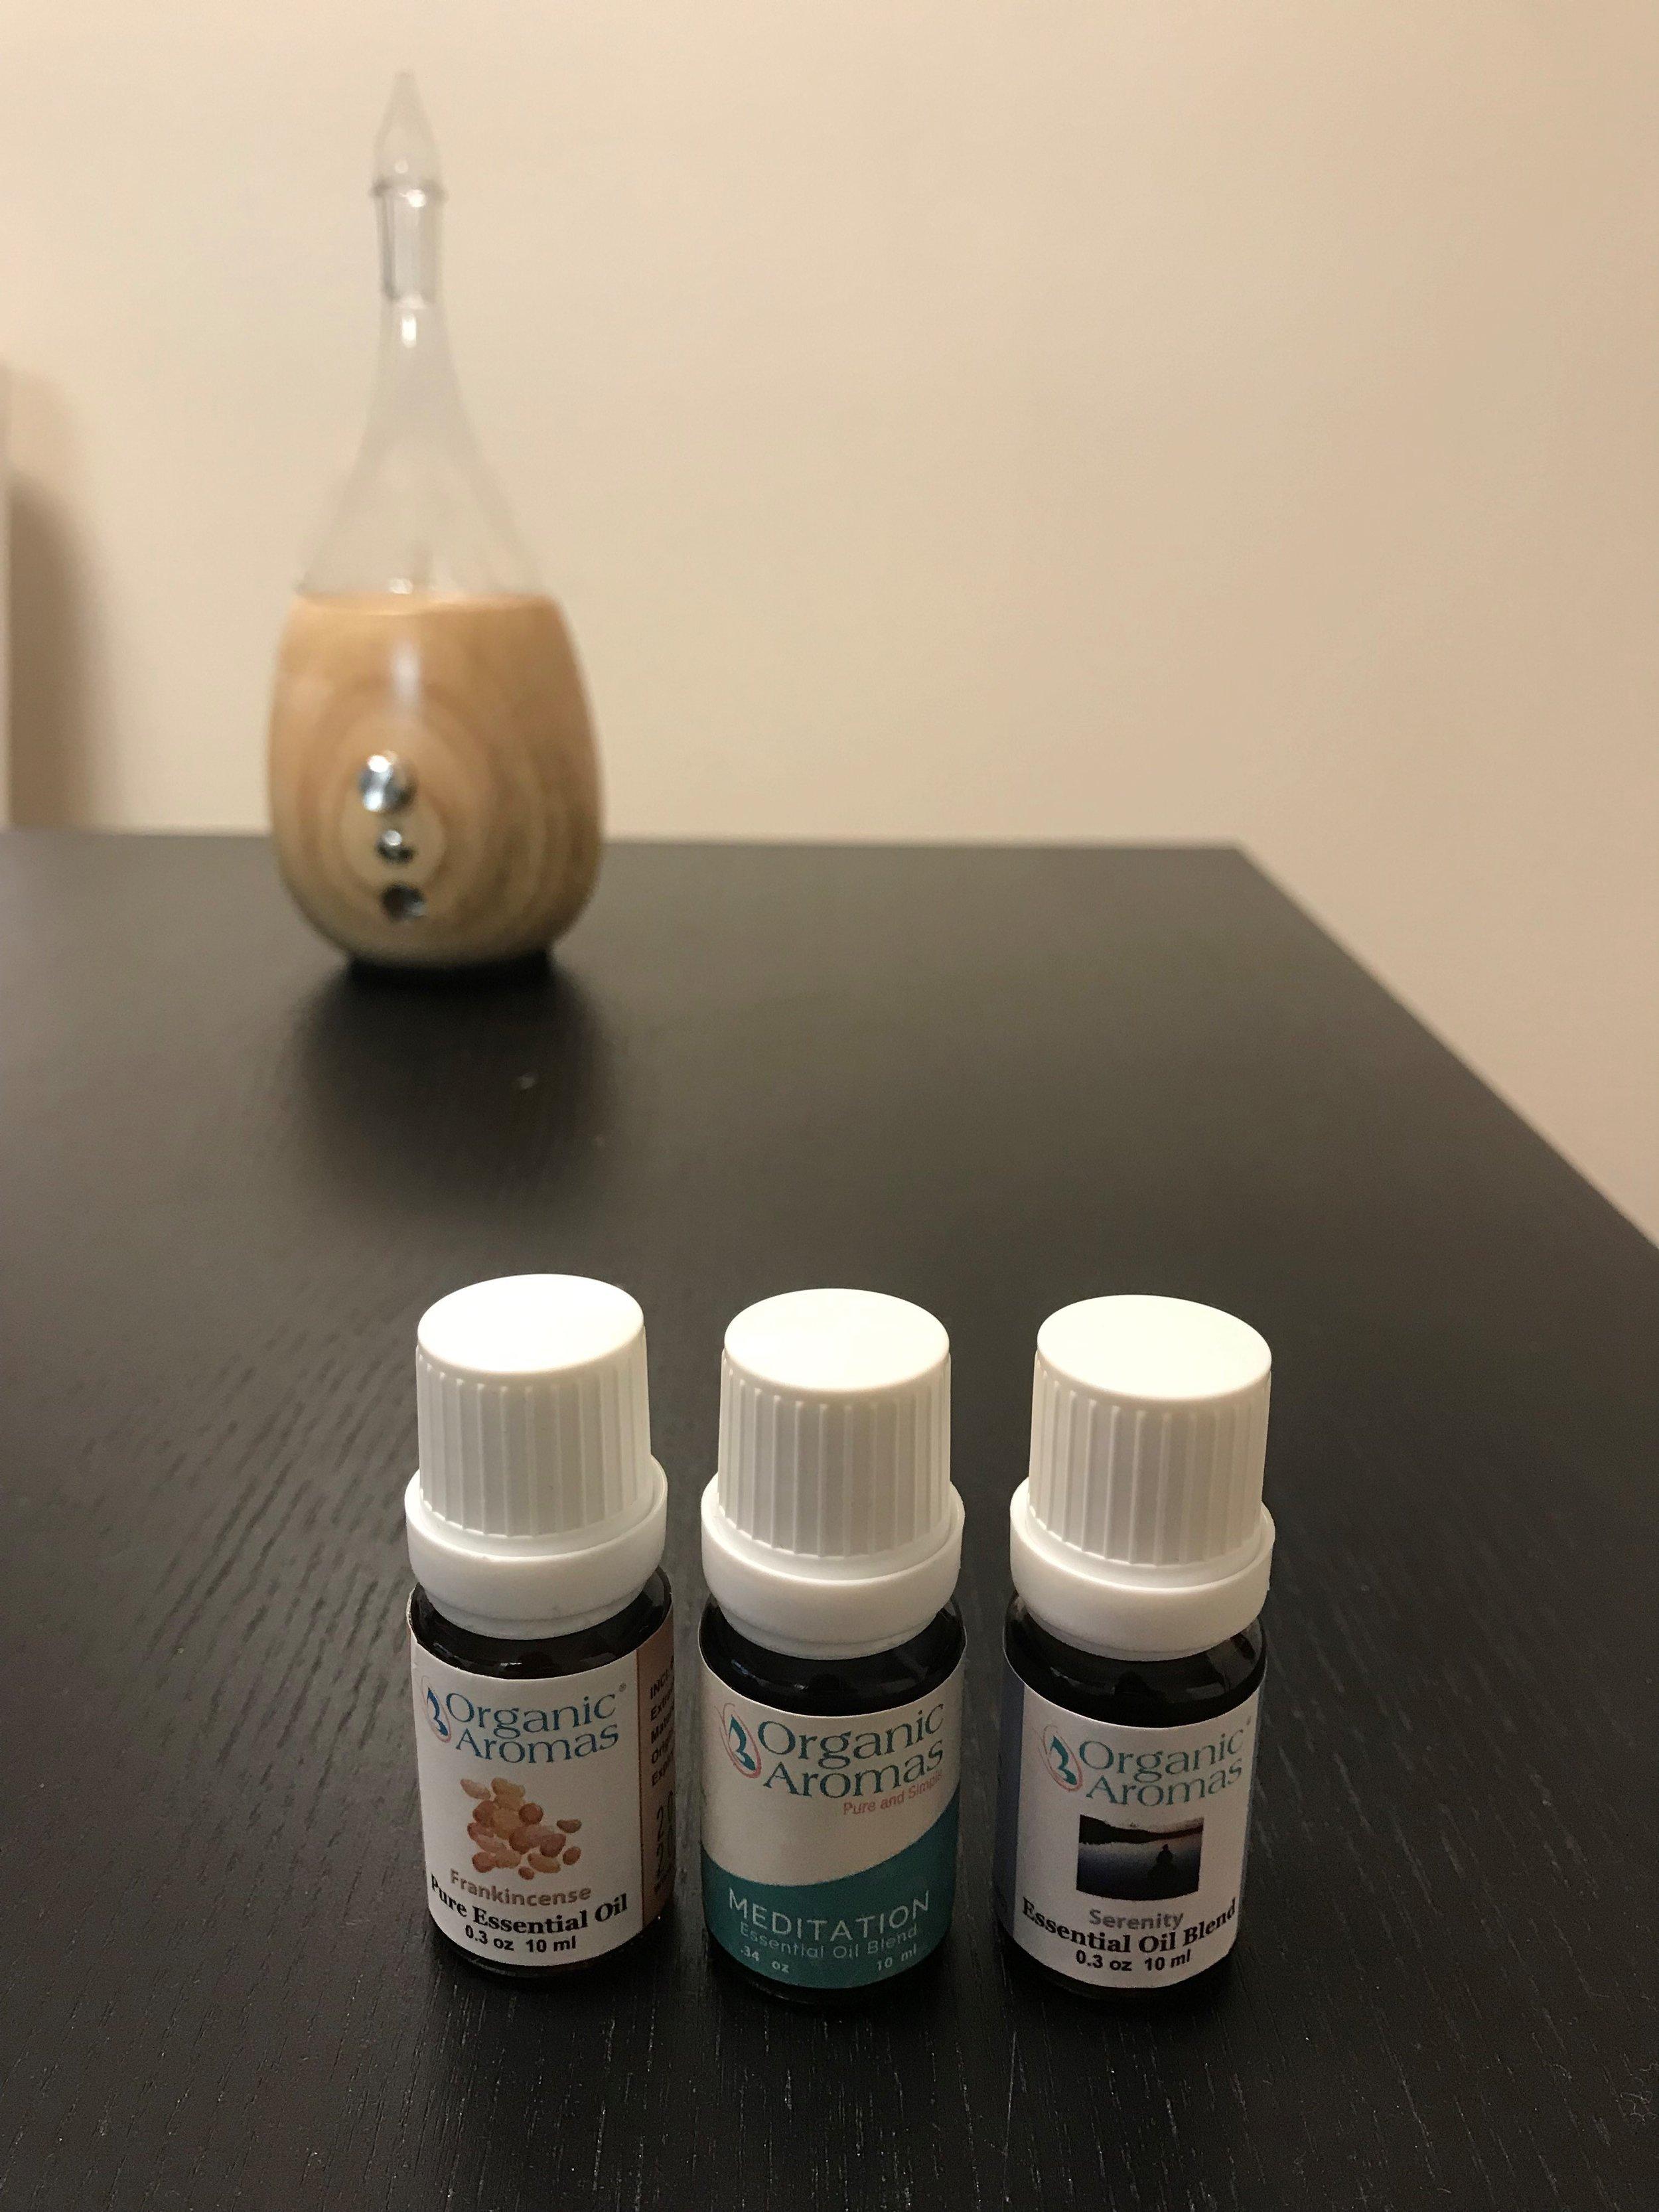 Organic aromas 2.jpg